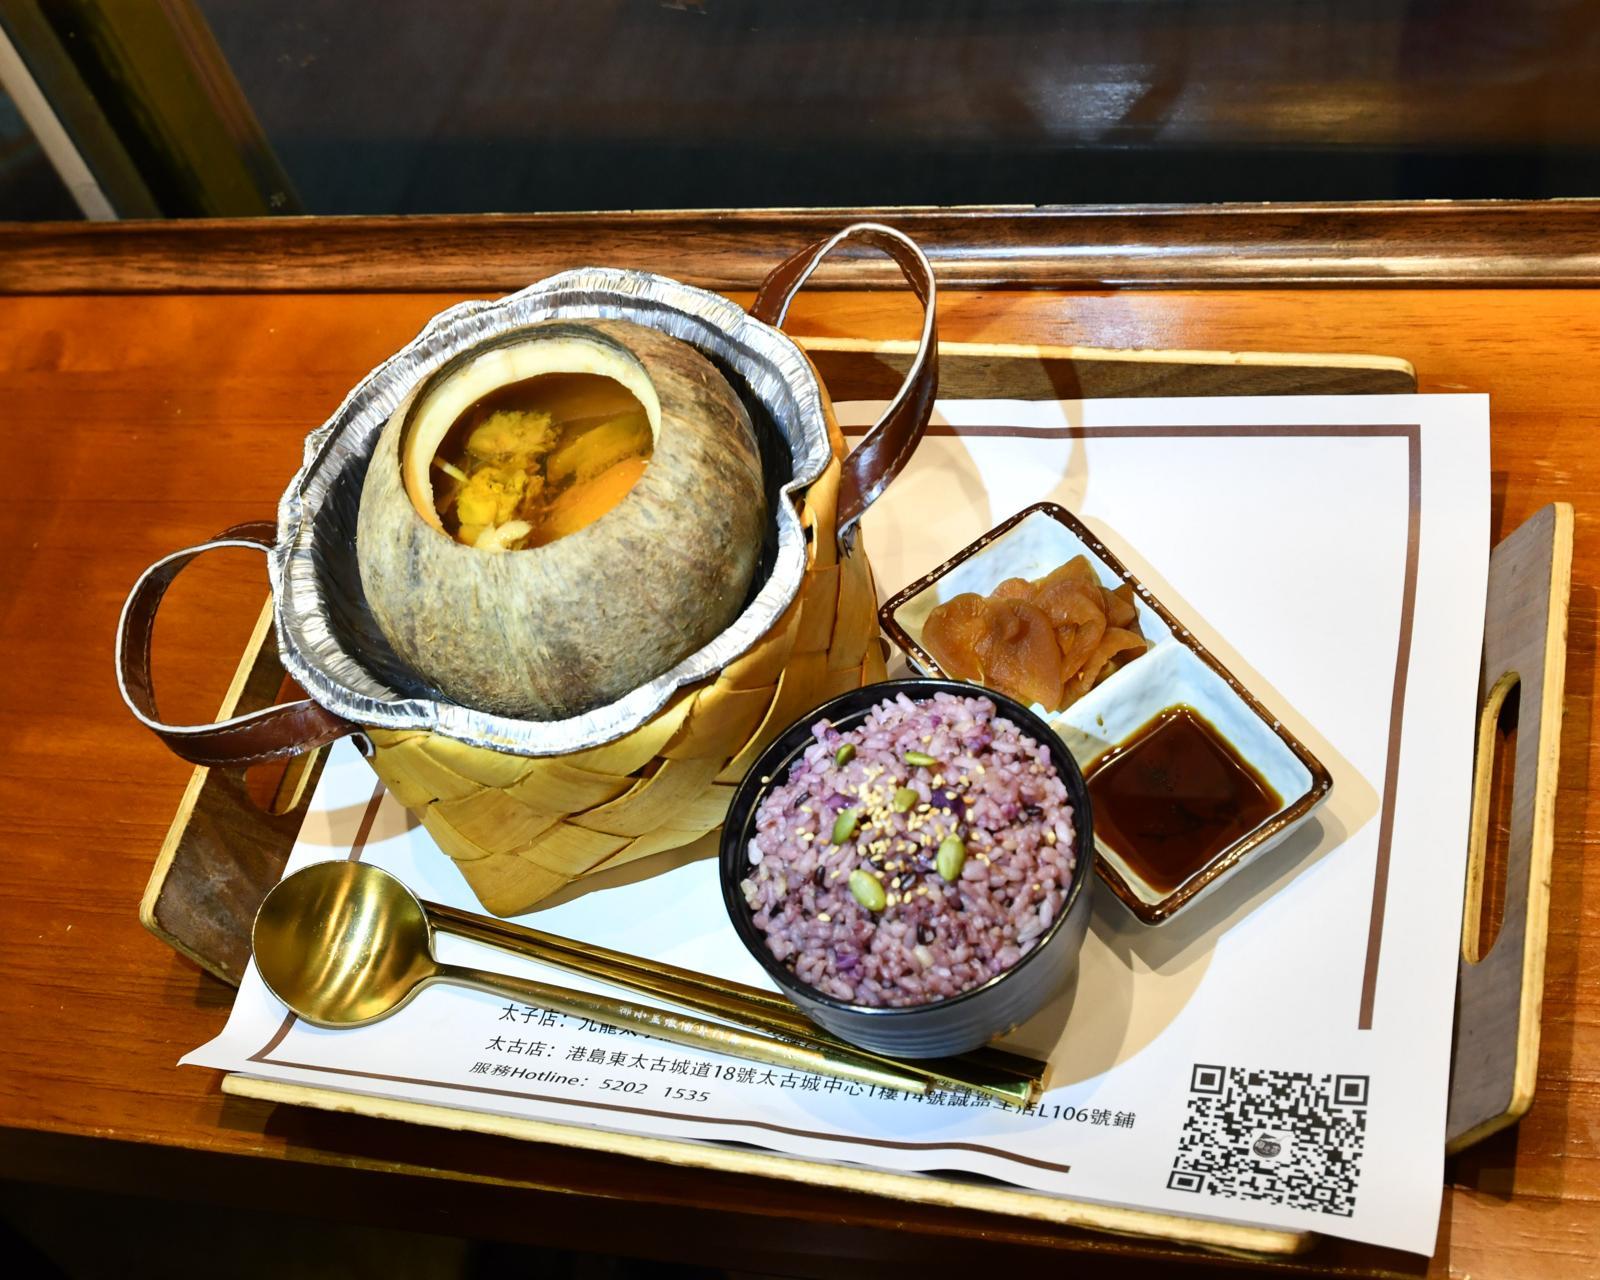 米芝莲公布街头小食店名单 太子椰盅炖汤店初上榜